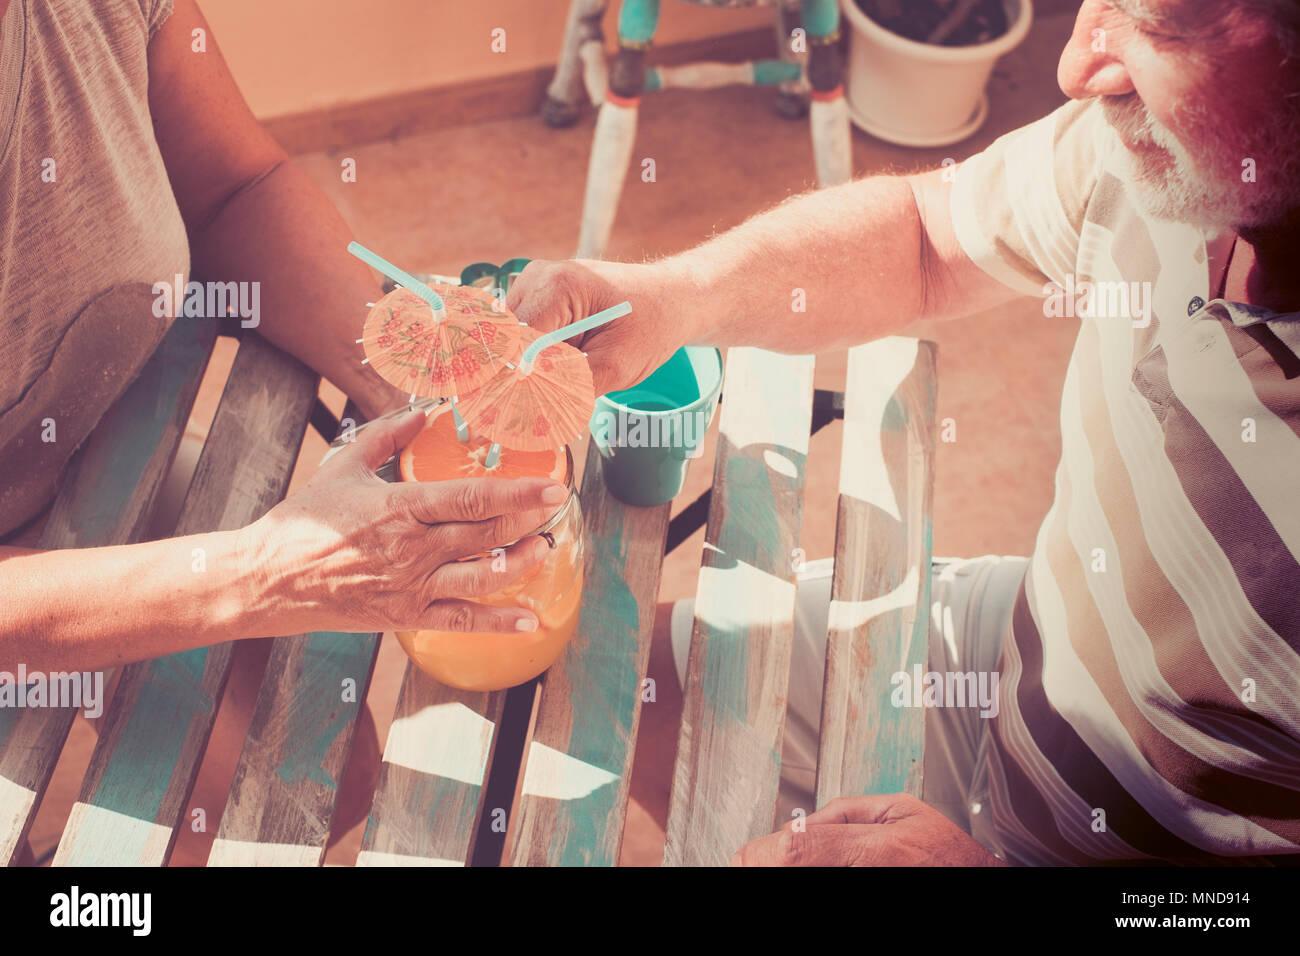 La hora de verano para una pareja de hombre y mujer senior beber un cóctel de frutas juntos en vacaciones. Viejo estilo vintage. Imagen De Stock